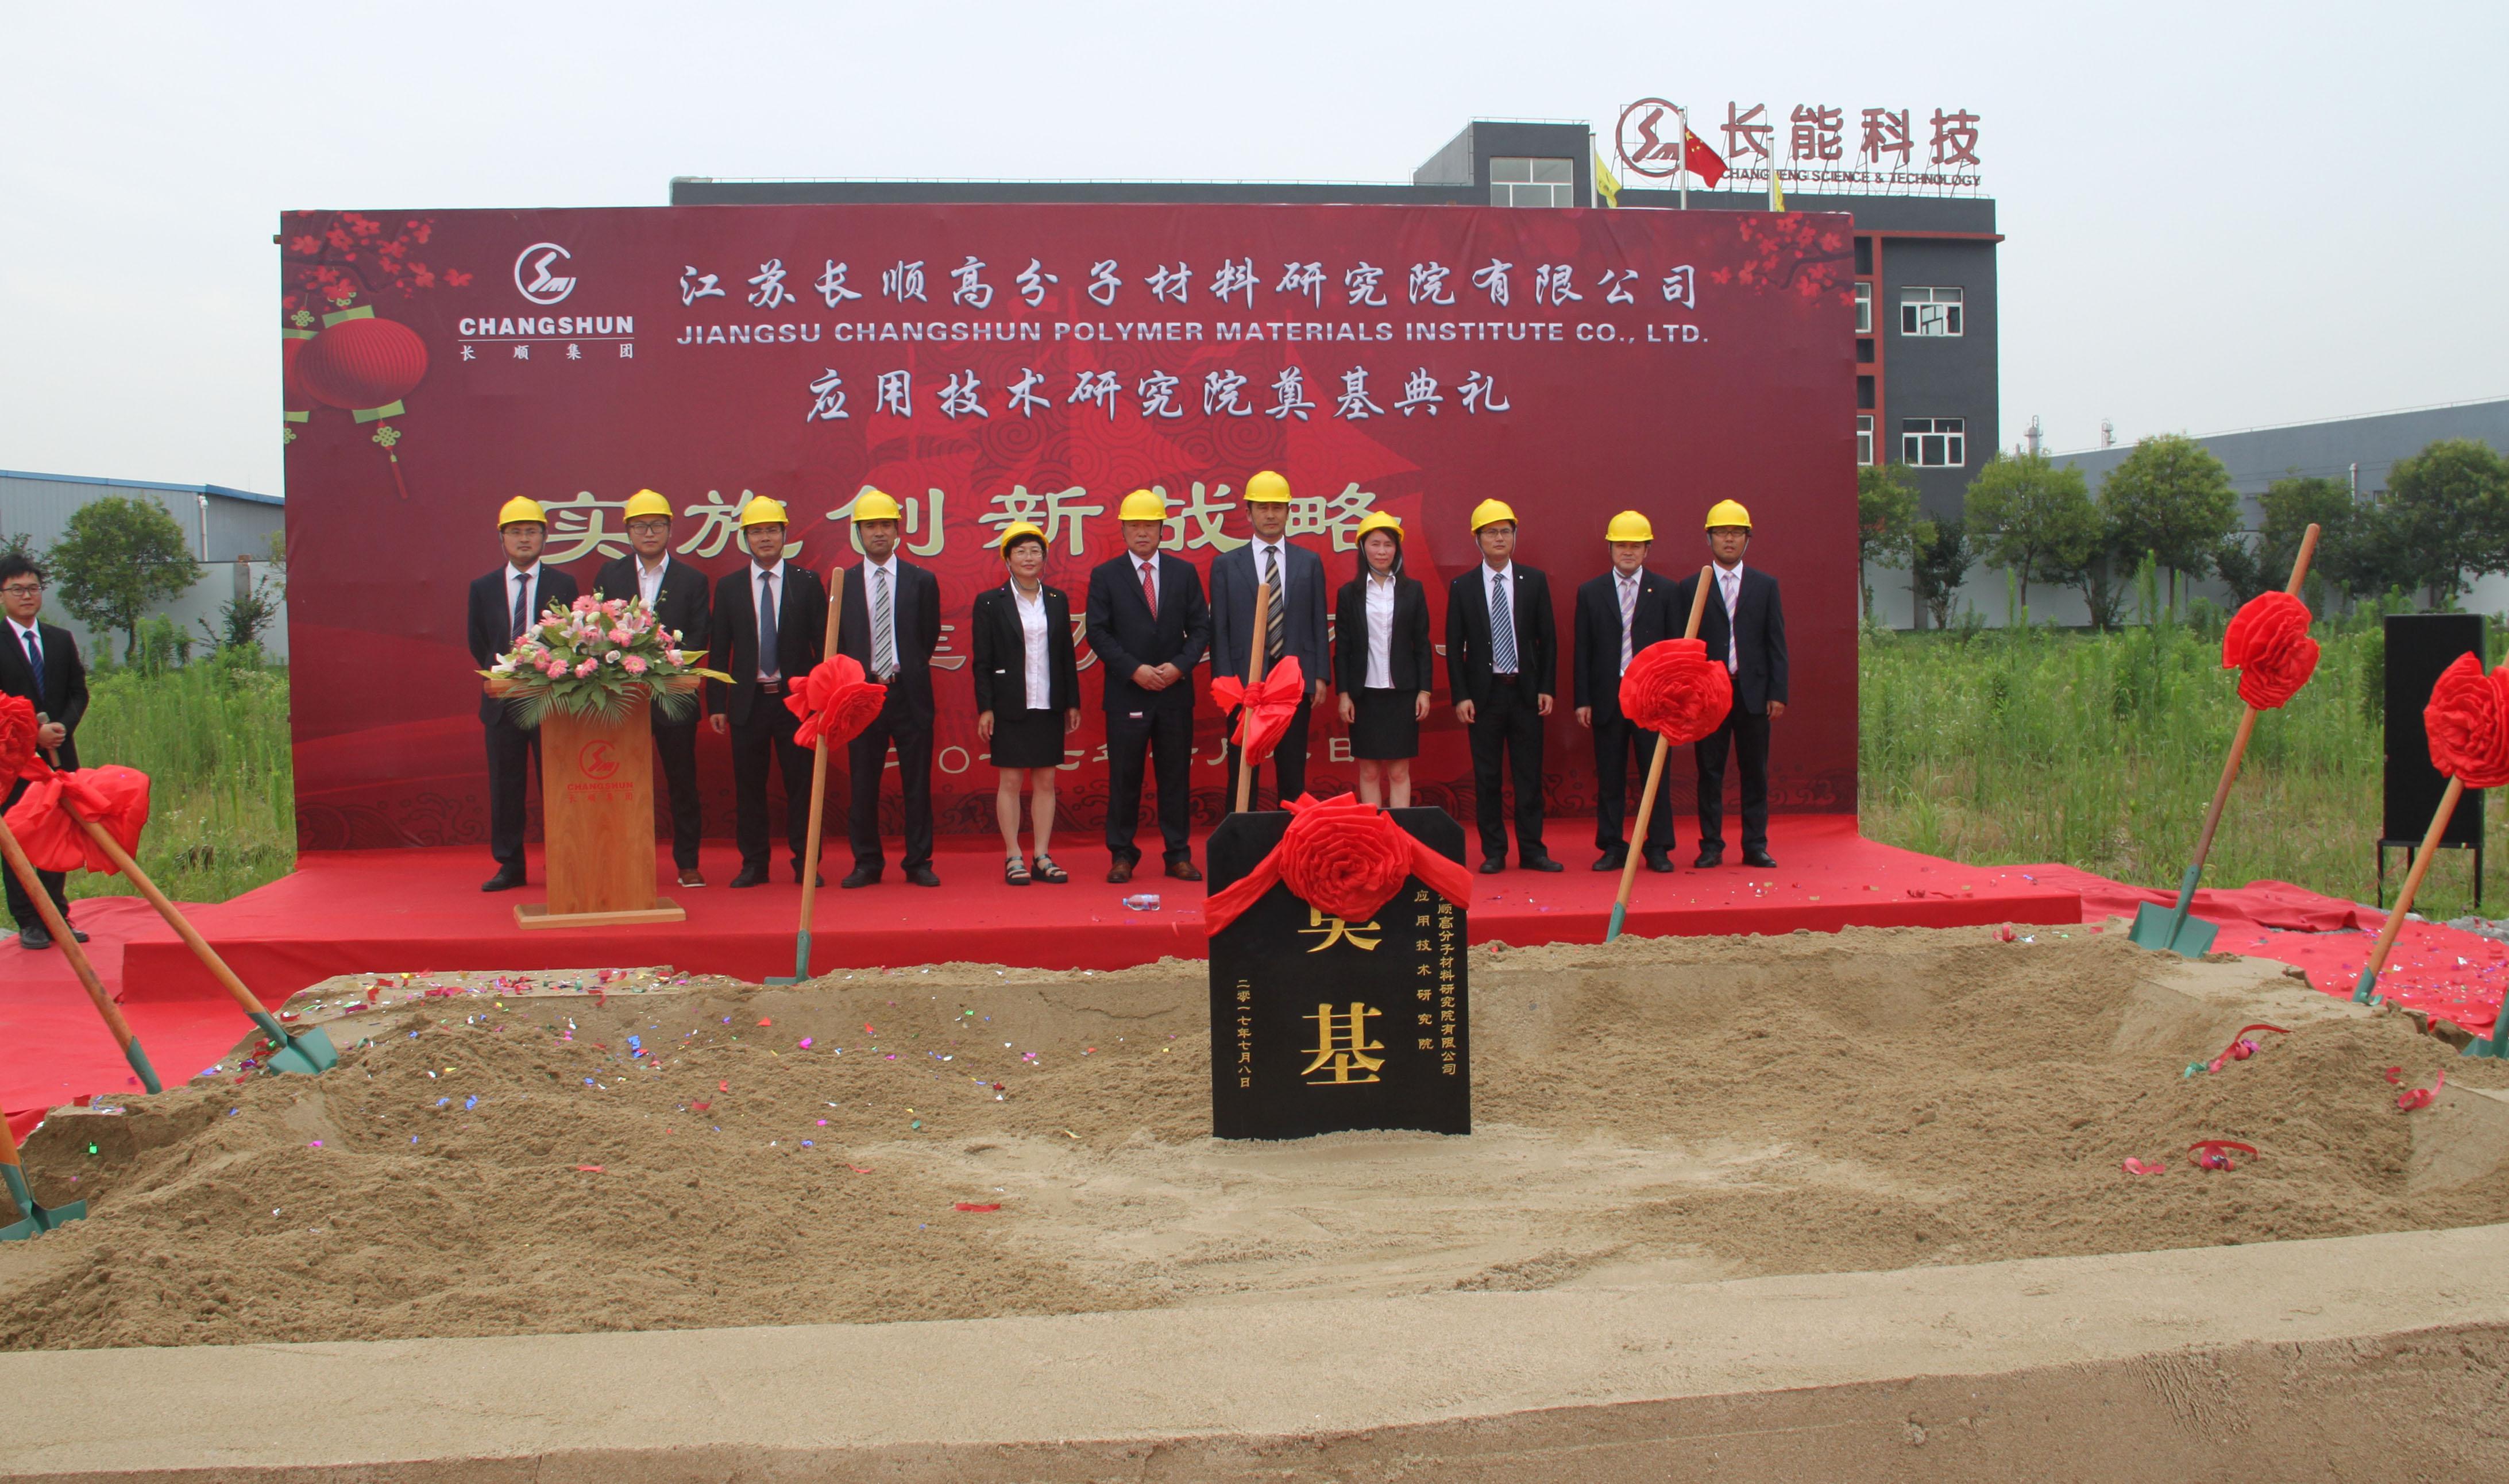 长顺应用技术研究院大楼的奠基仪式在张家港扬子江国际化工园区青海路